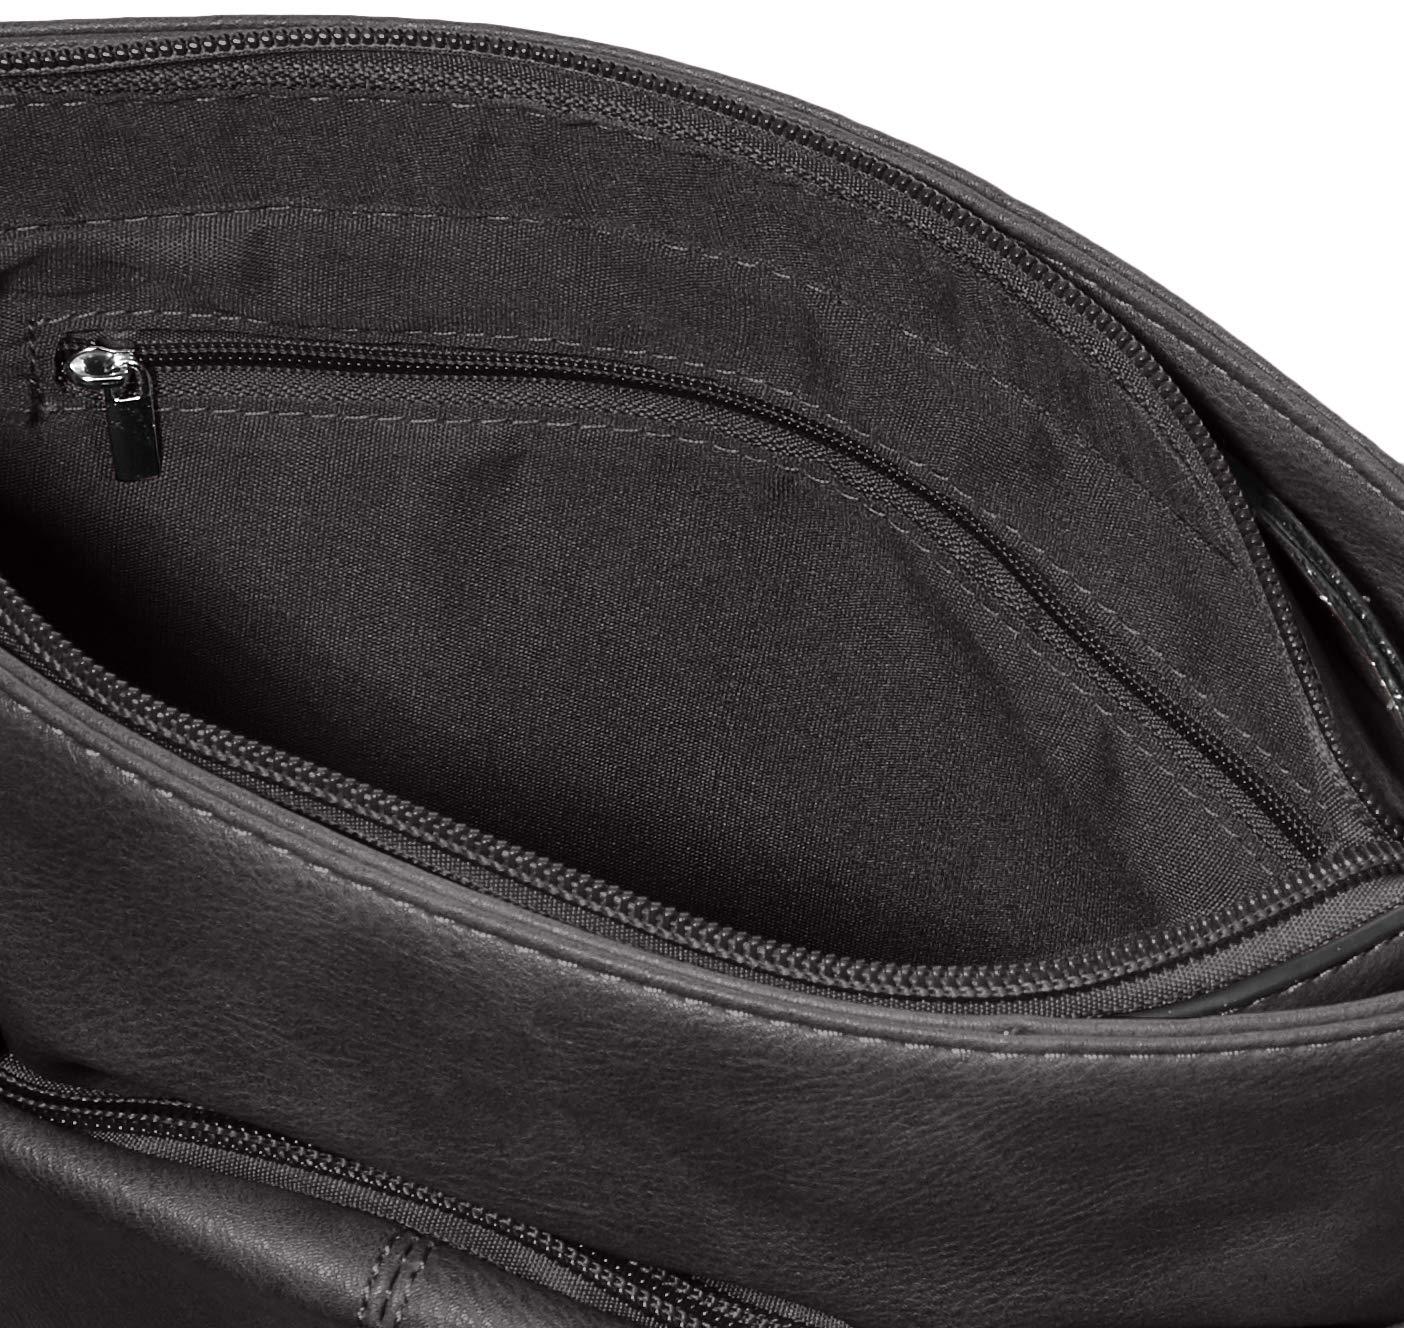 N.V. Väskor dam Nv216 CROSSBODY, en storlek svart